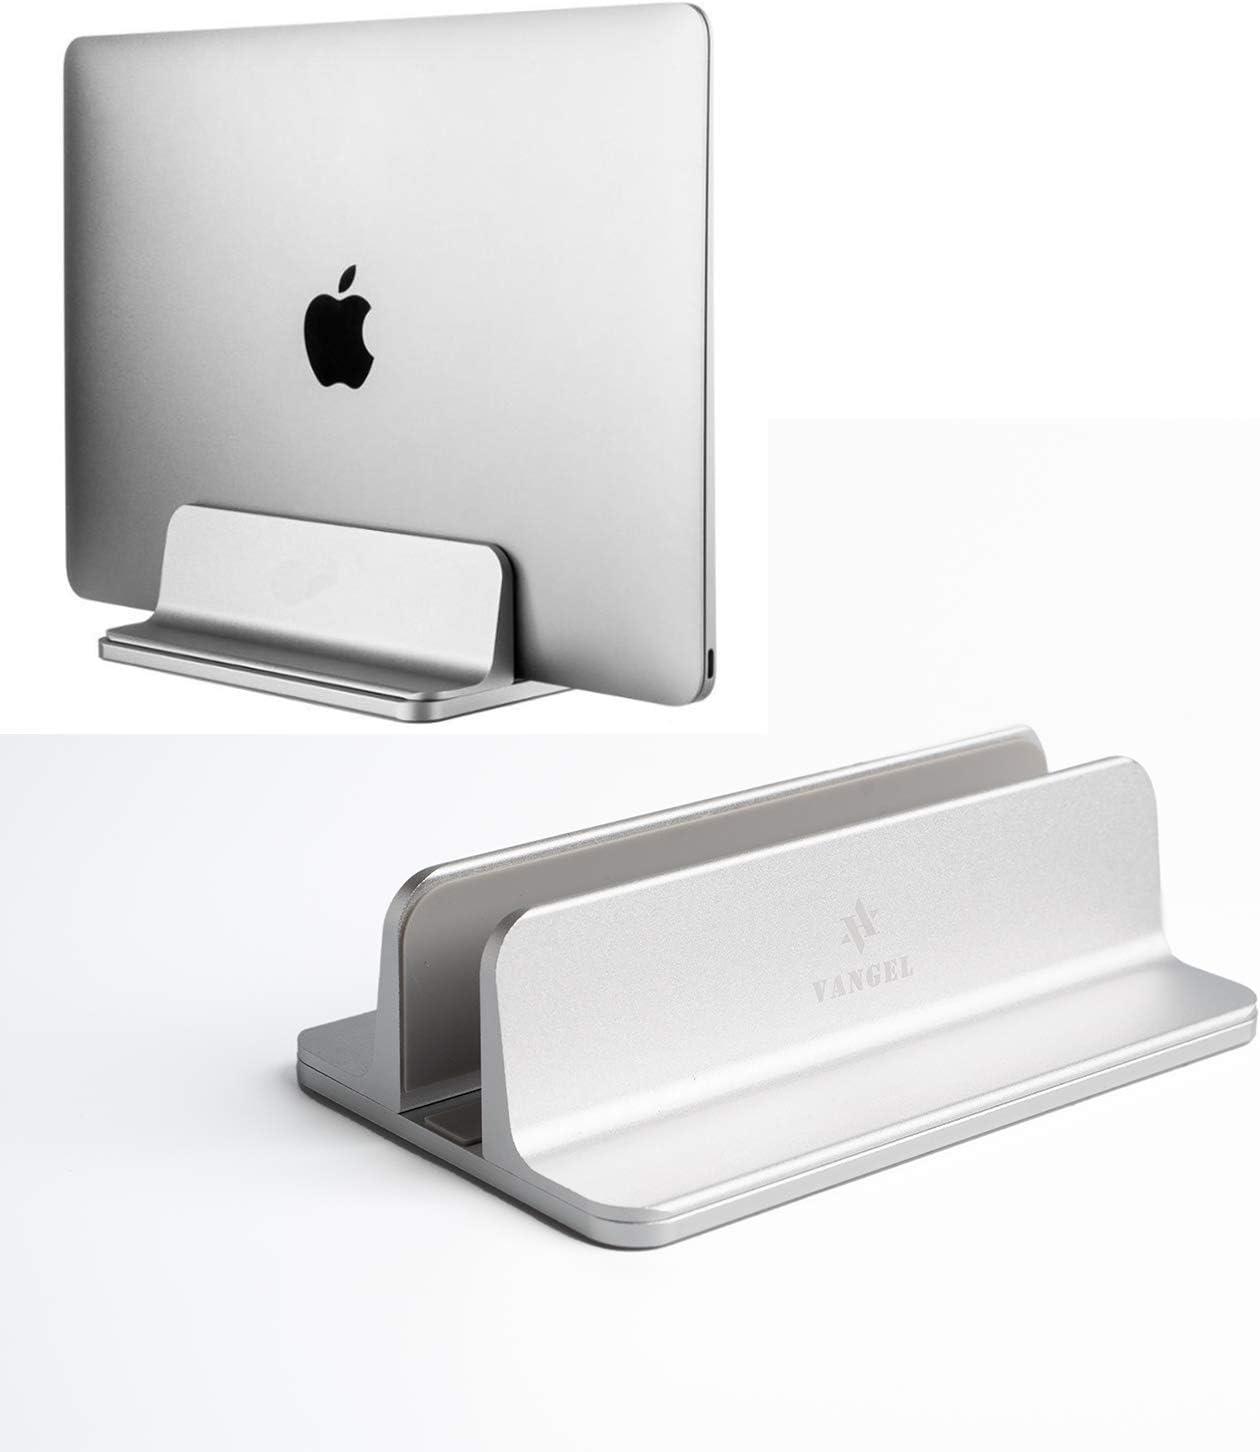 Vertical Laptop Stand for Desktop - Anti-Slip Vertical Docking Station with Adjustable Dock Size - Holds All Under 17